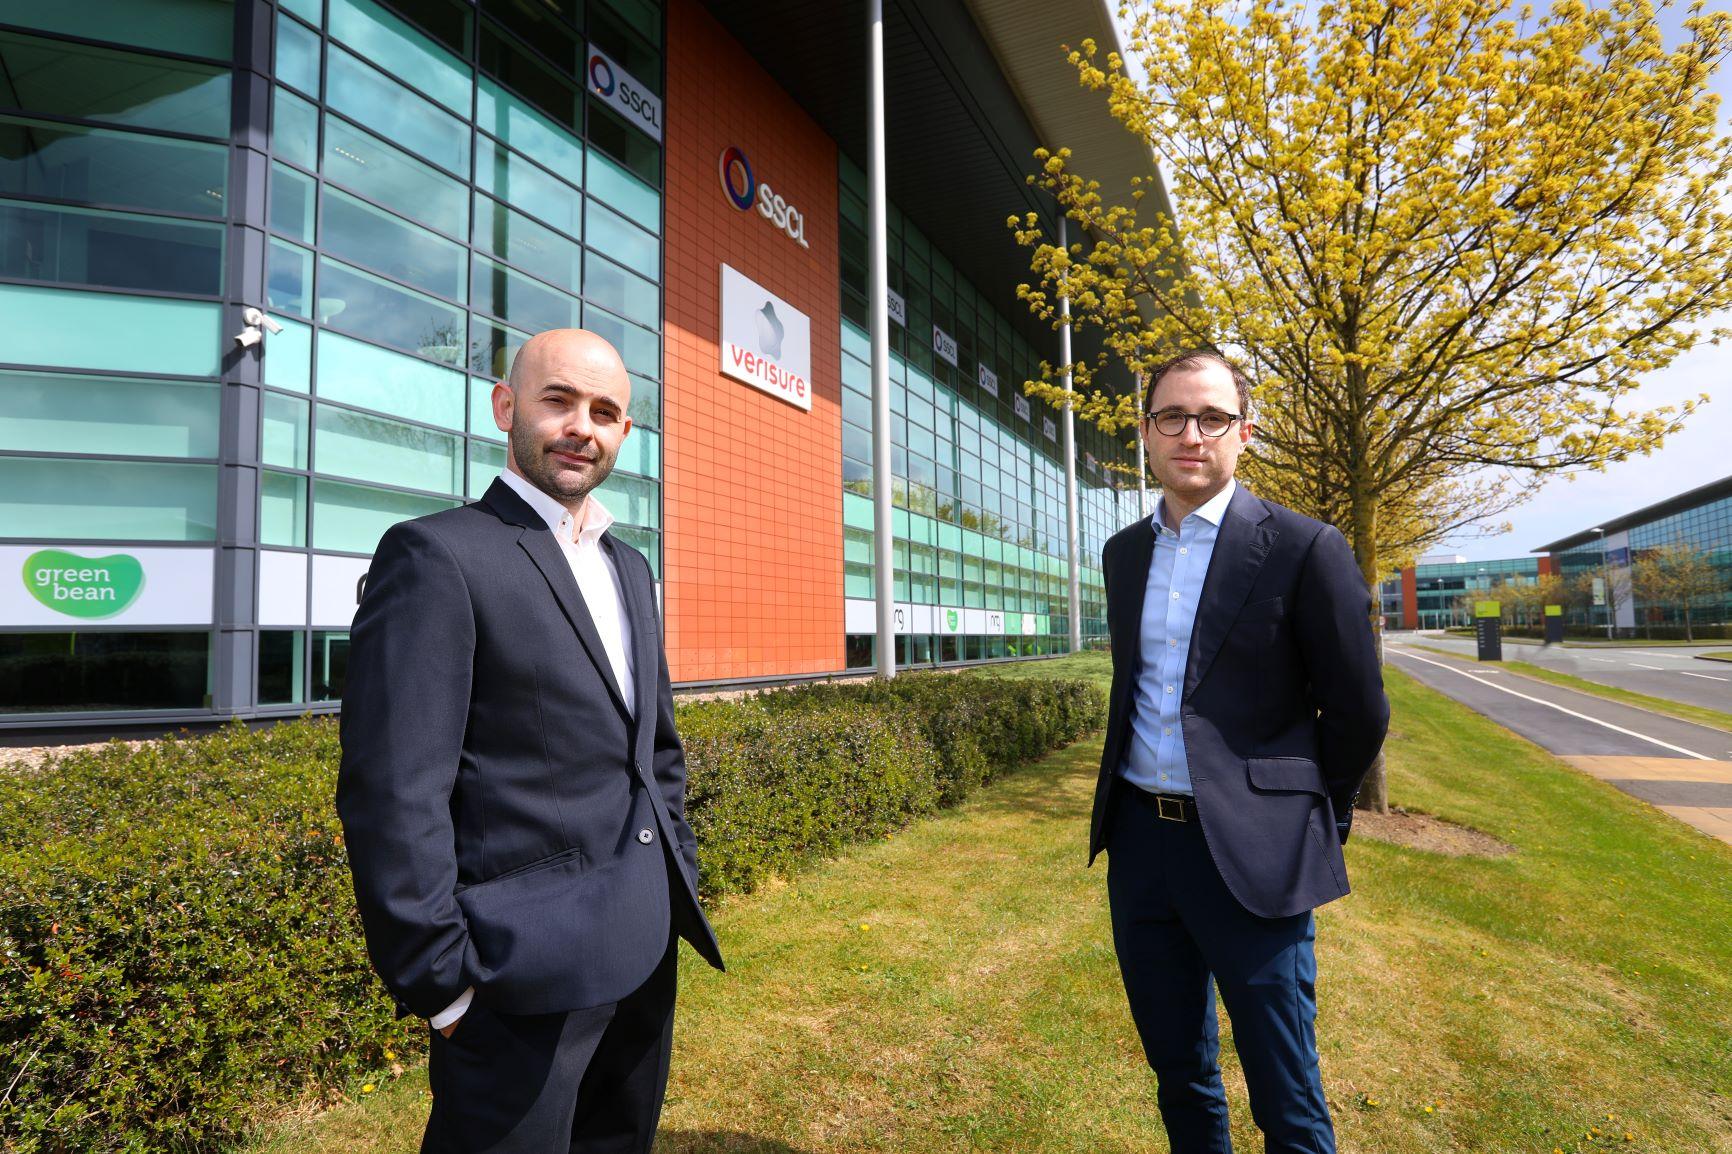 Verisure creates 300 new jobs in 1st year at Quorum Park